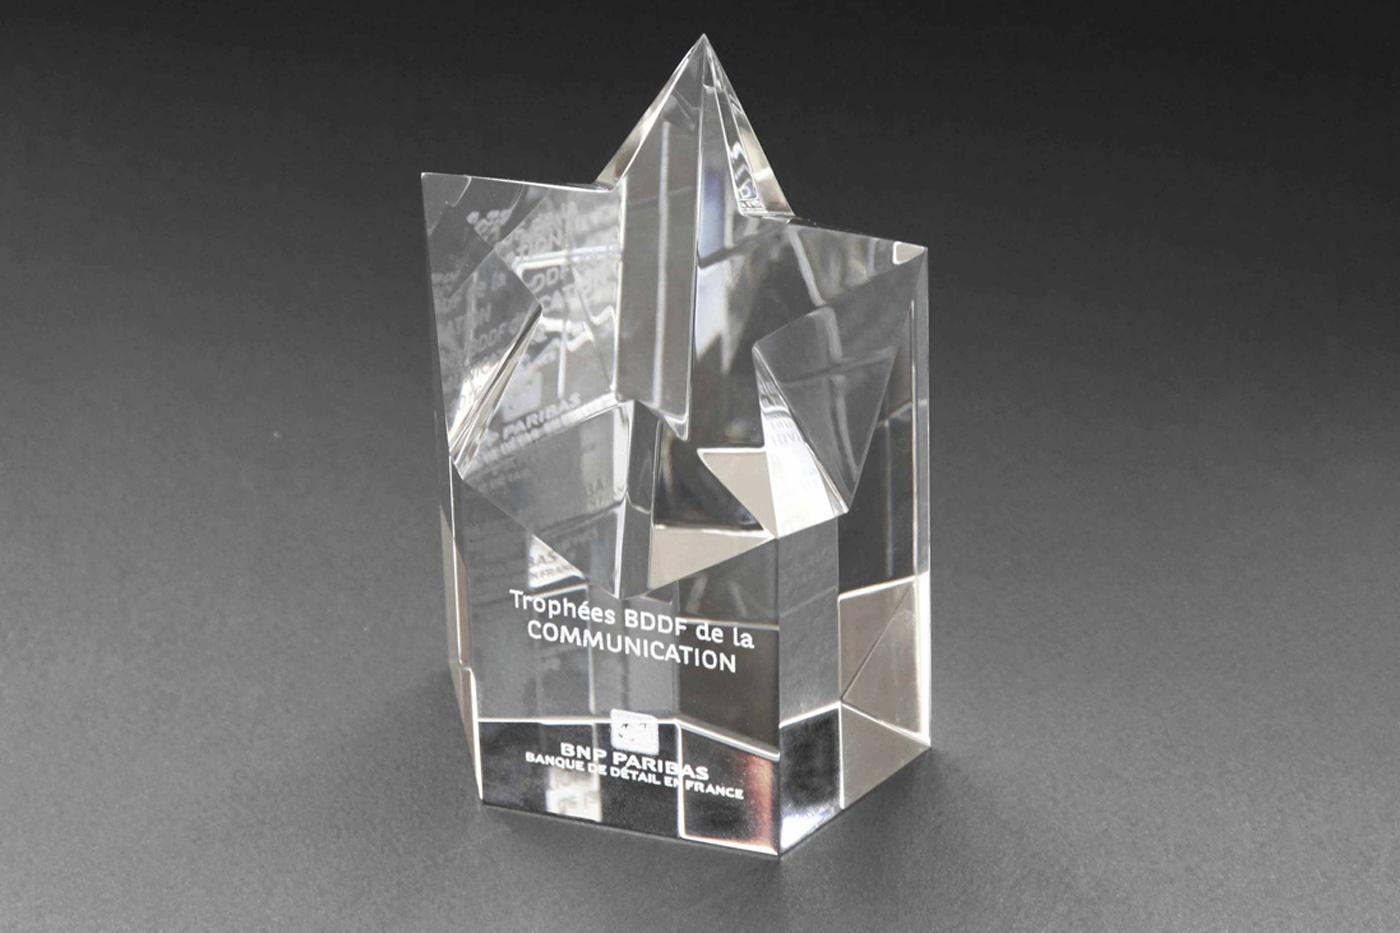 trophées en verre gravé avec texte